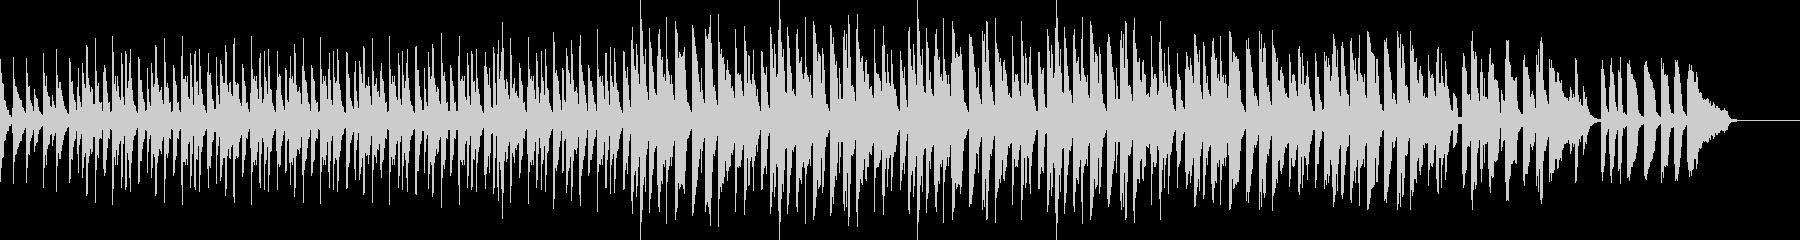 スローテンポベース抜きverの未再生の波形